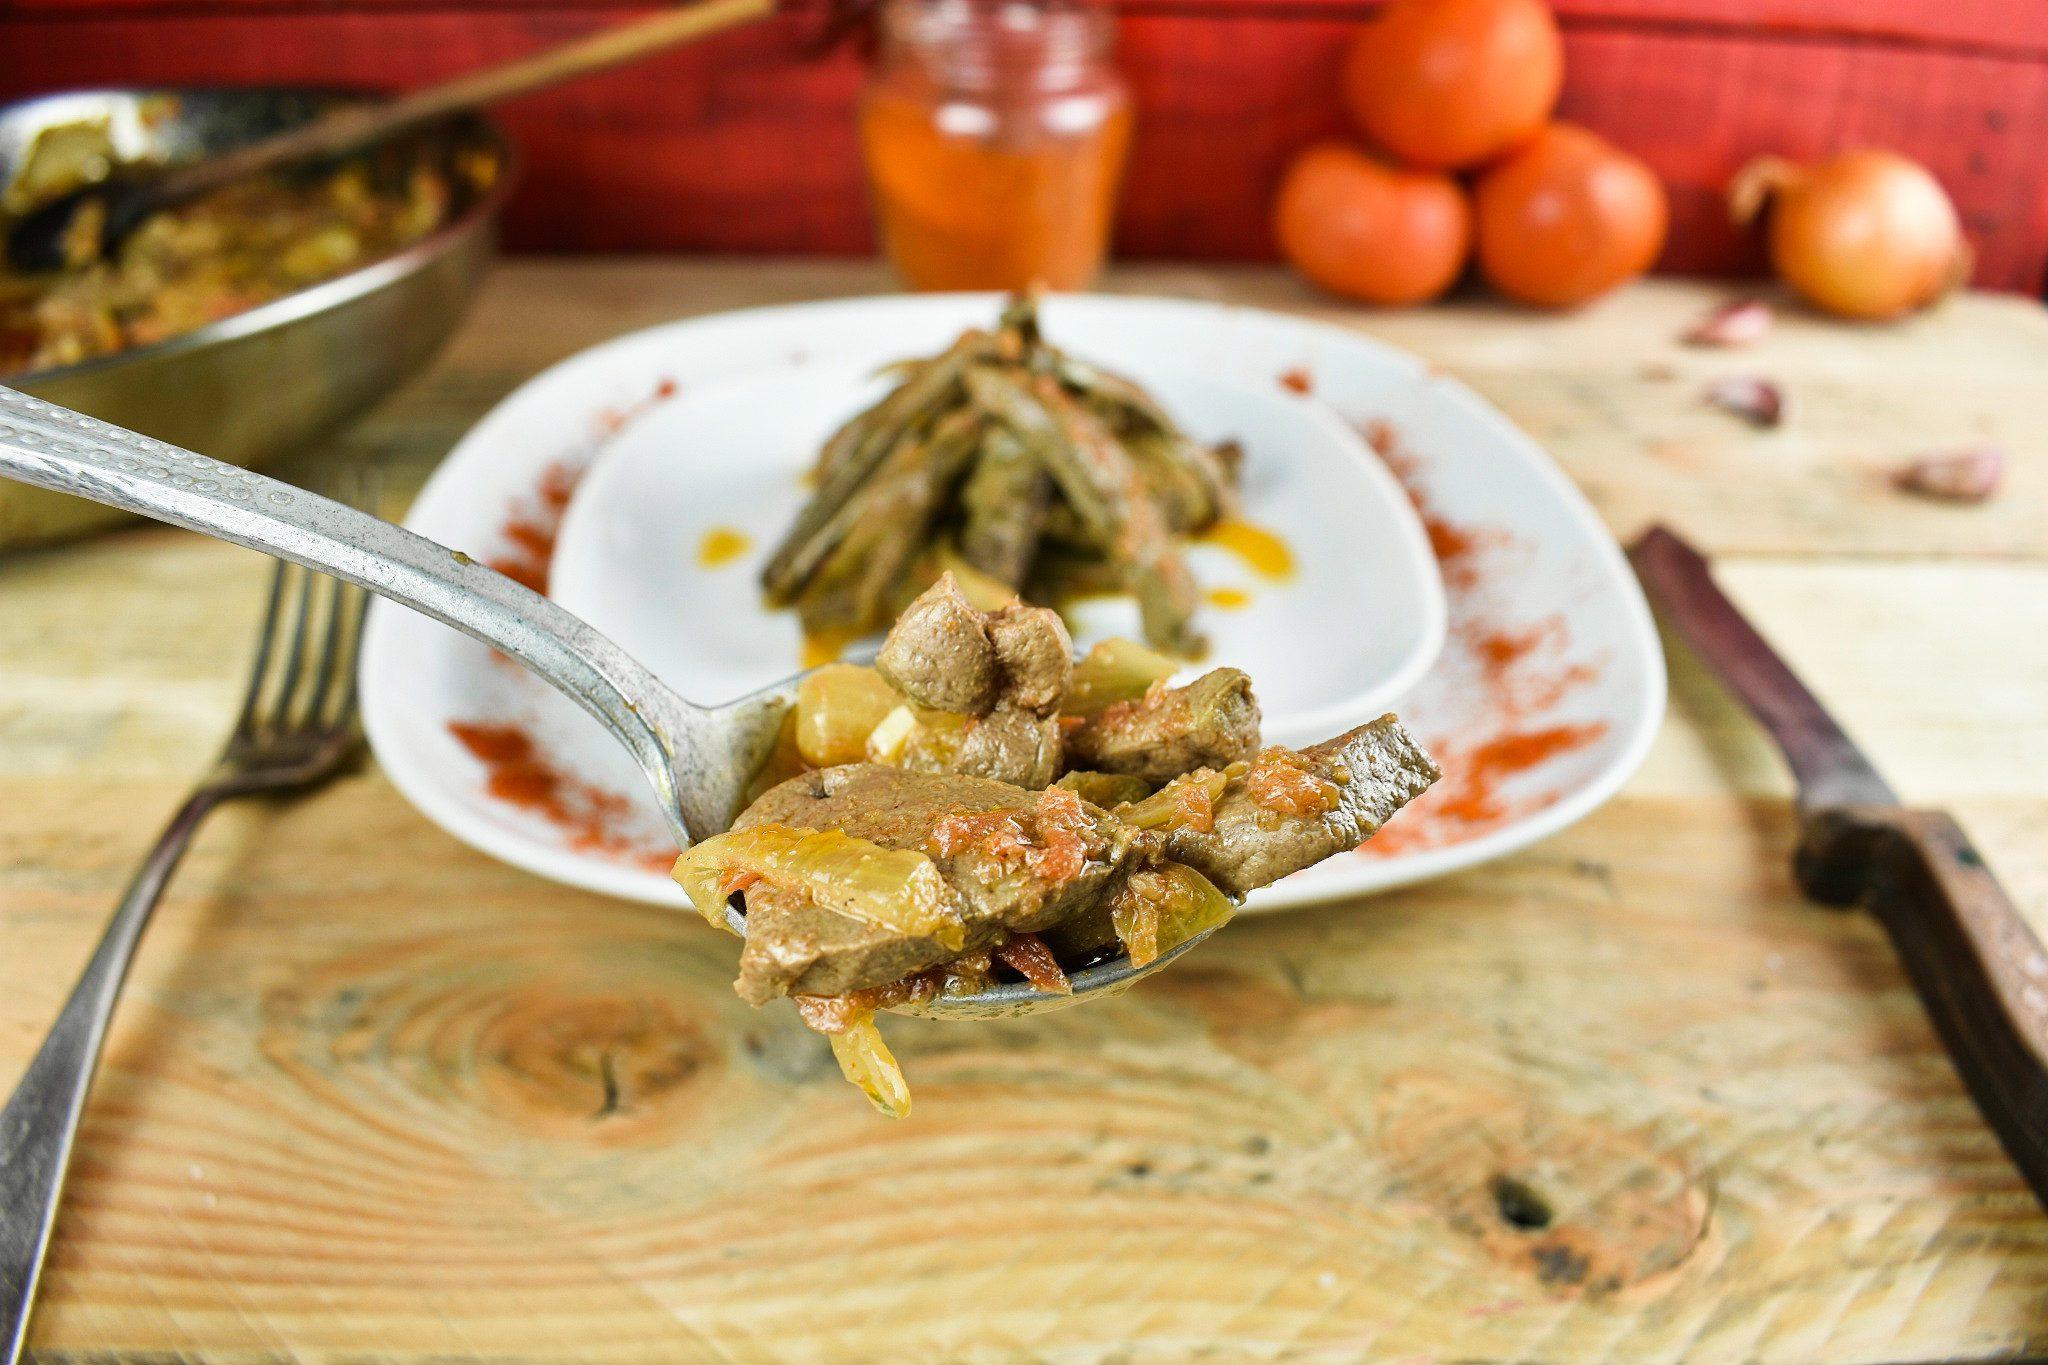 Beef-liver-recipe-pork-liver-recipe-2-SunCakeMom